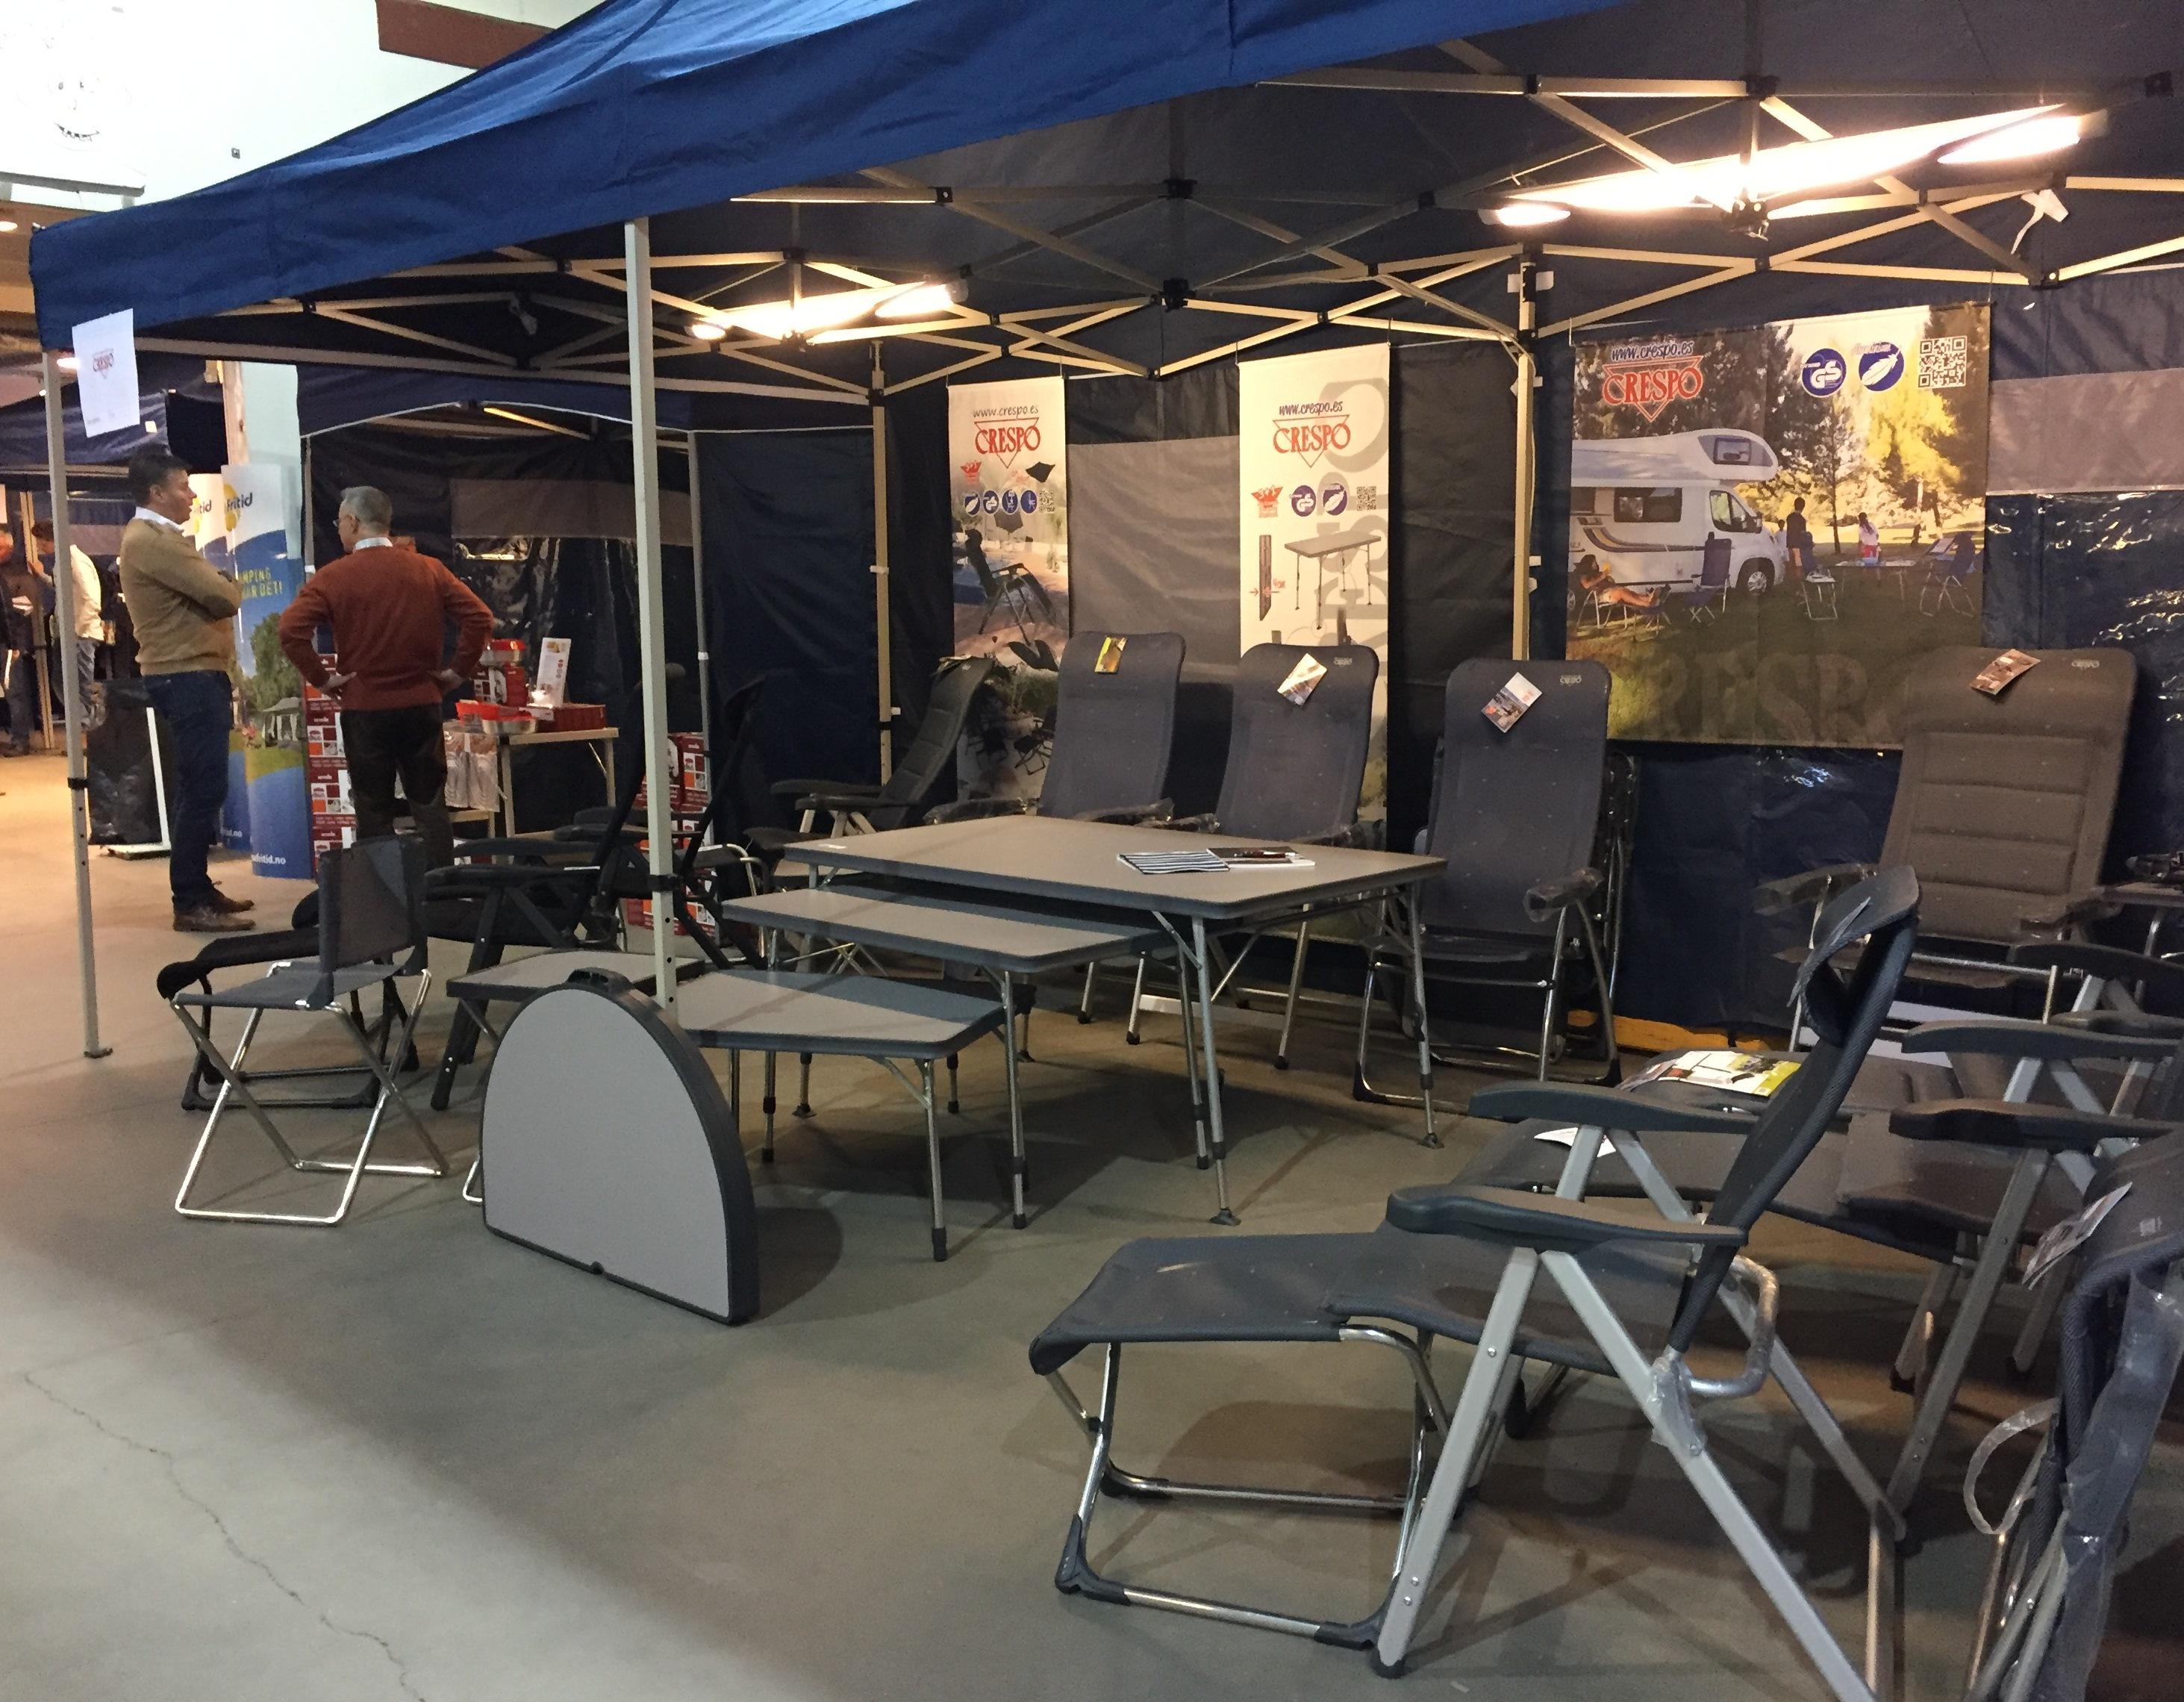 Crespo presenta sus novedades en noruega el blog de crespo - Indual mobiliario ...